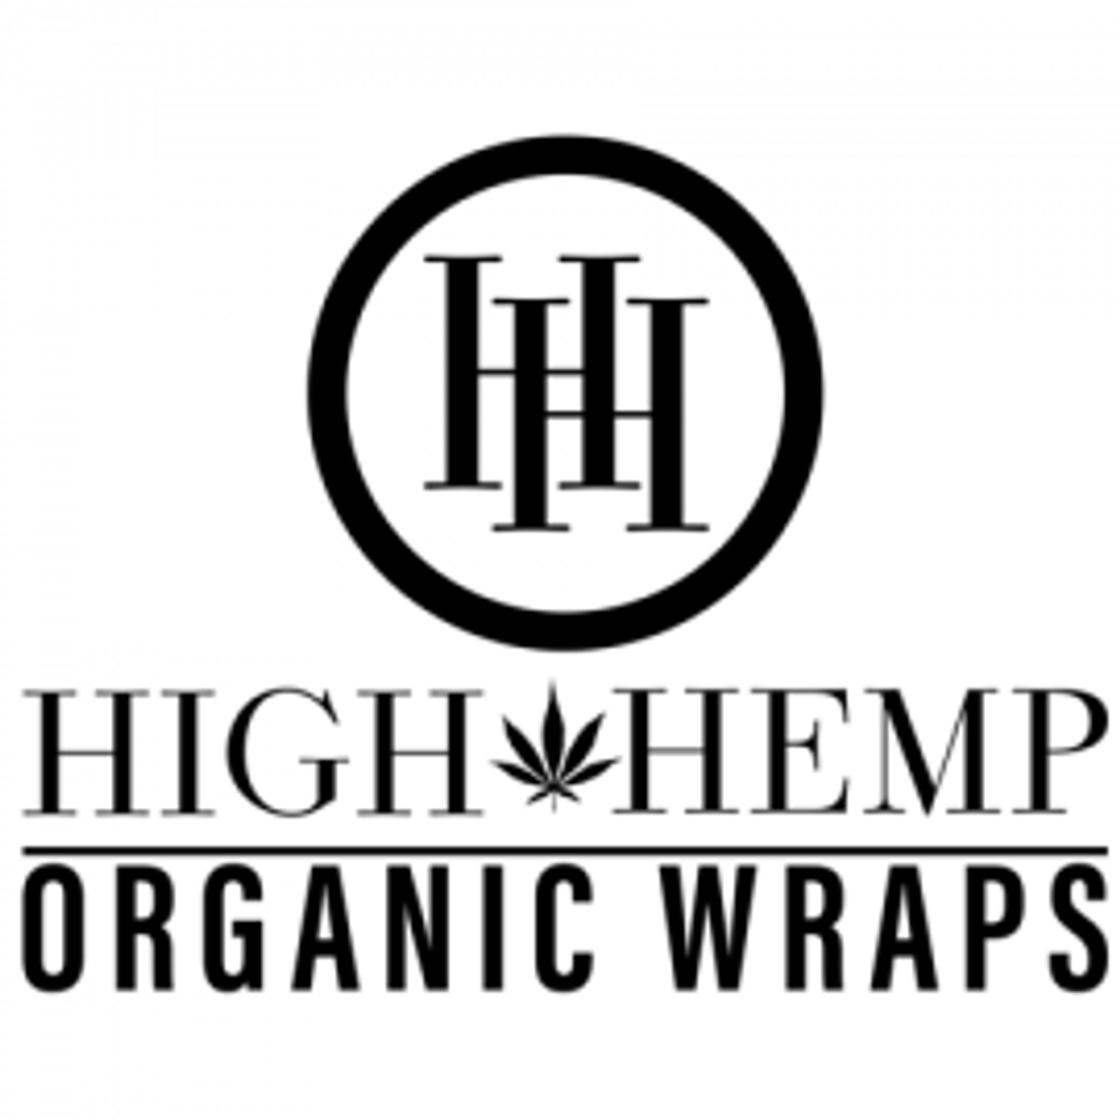 HIGH HEMP ORGANIC